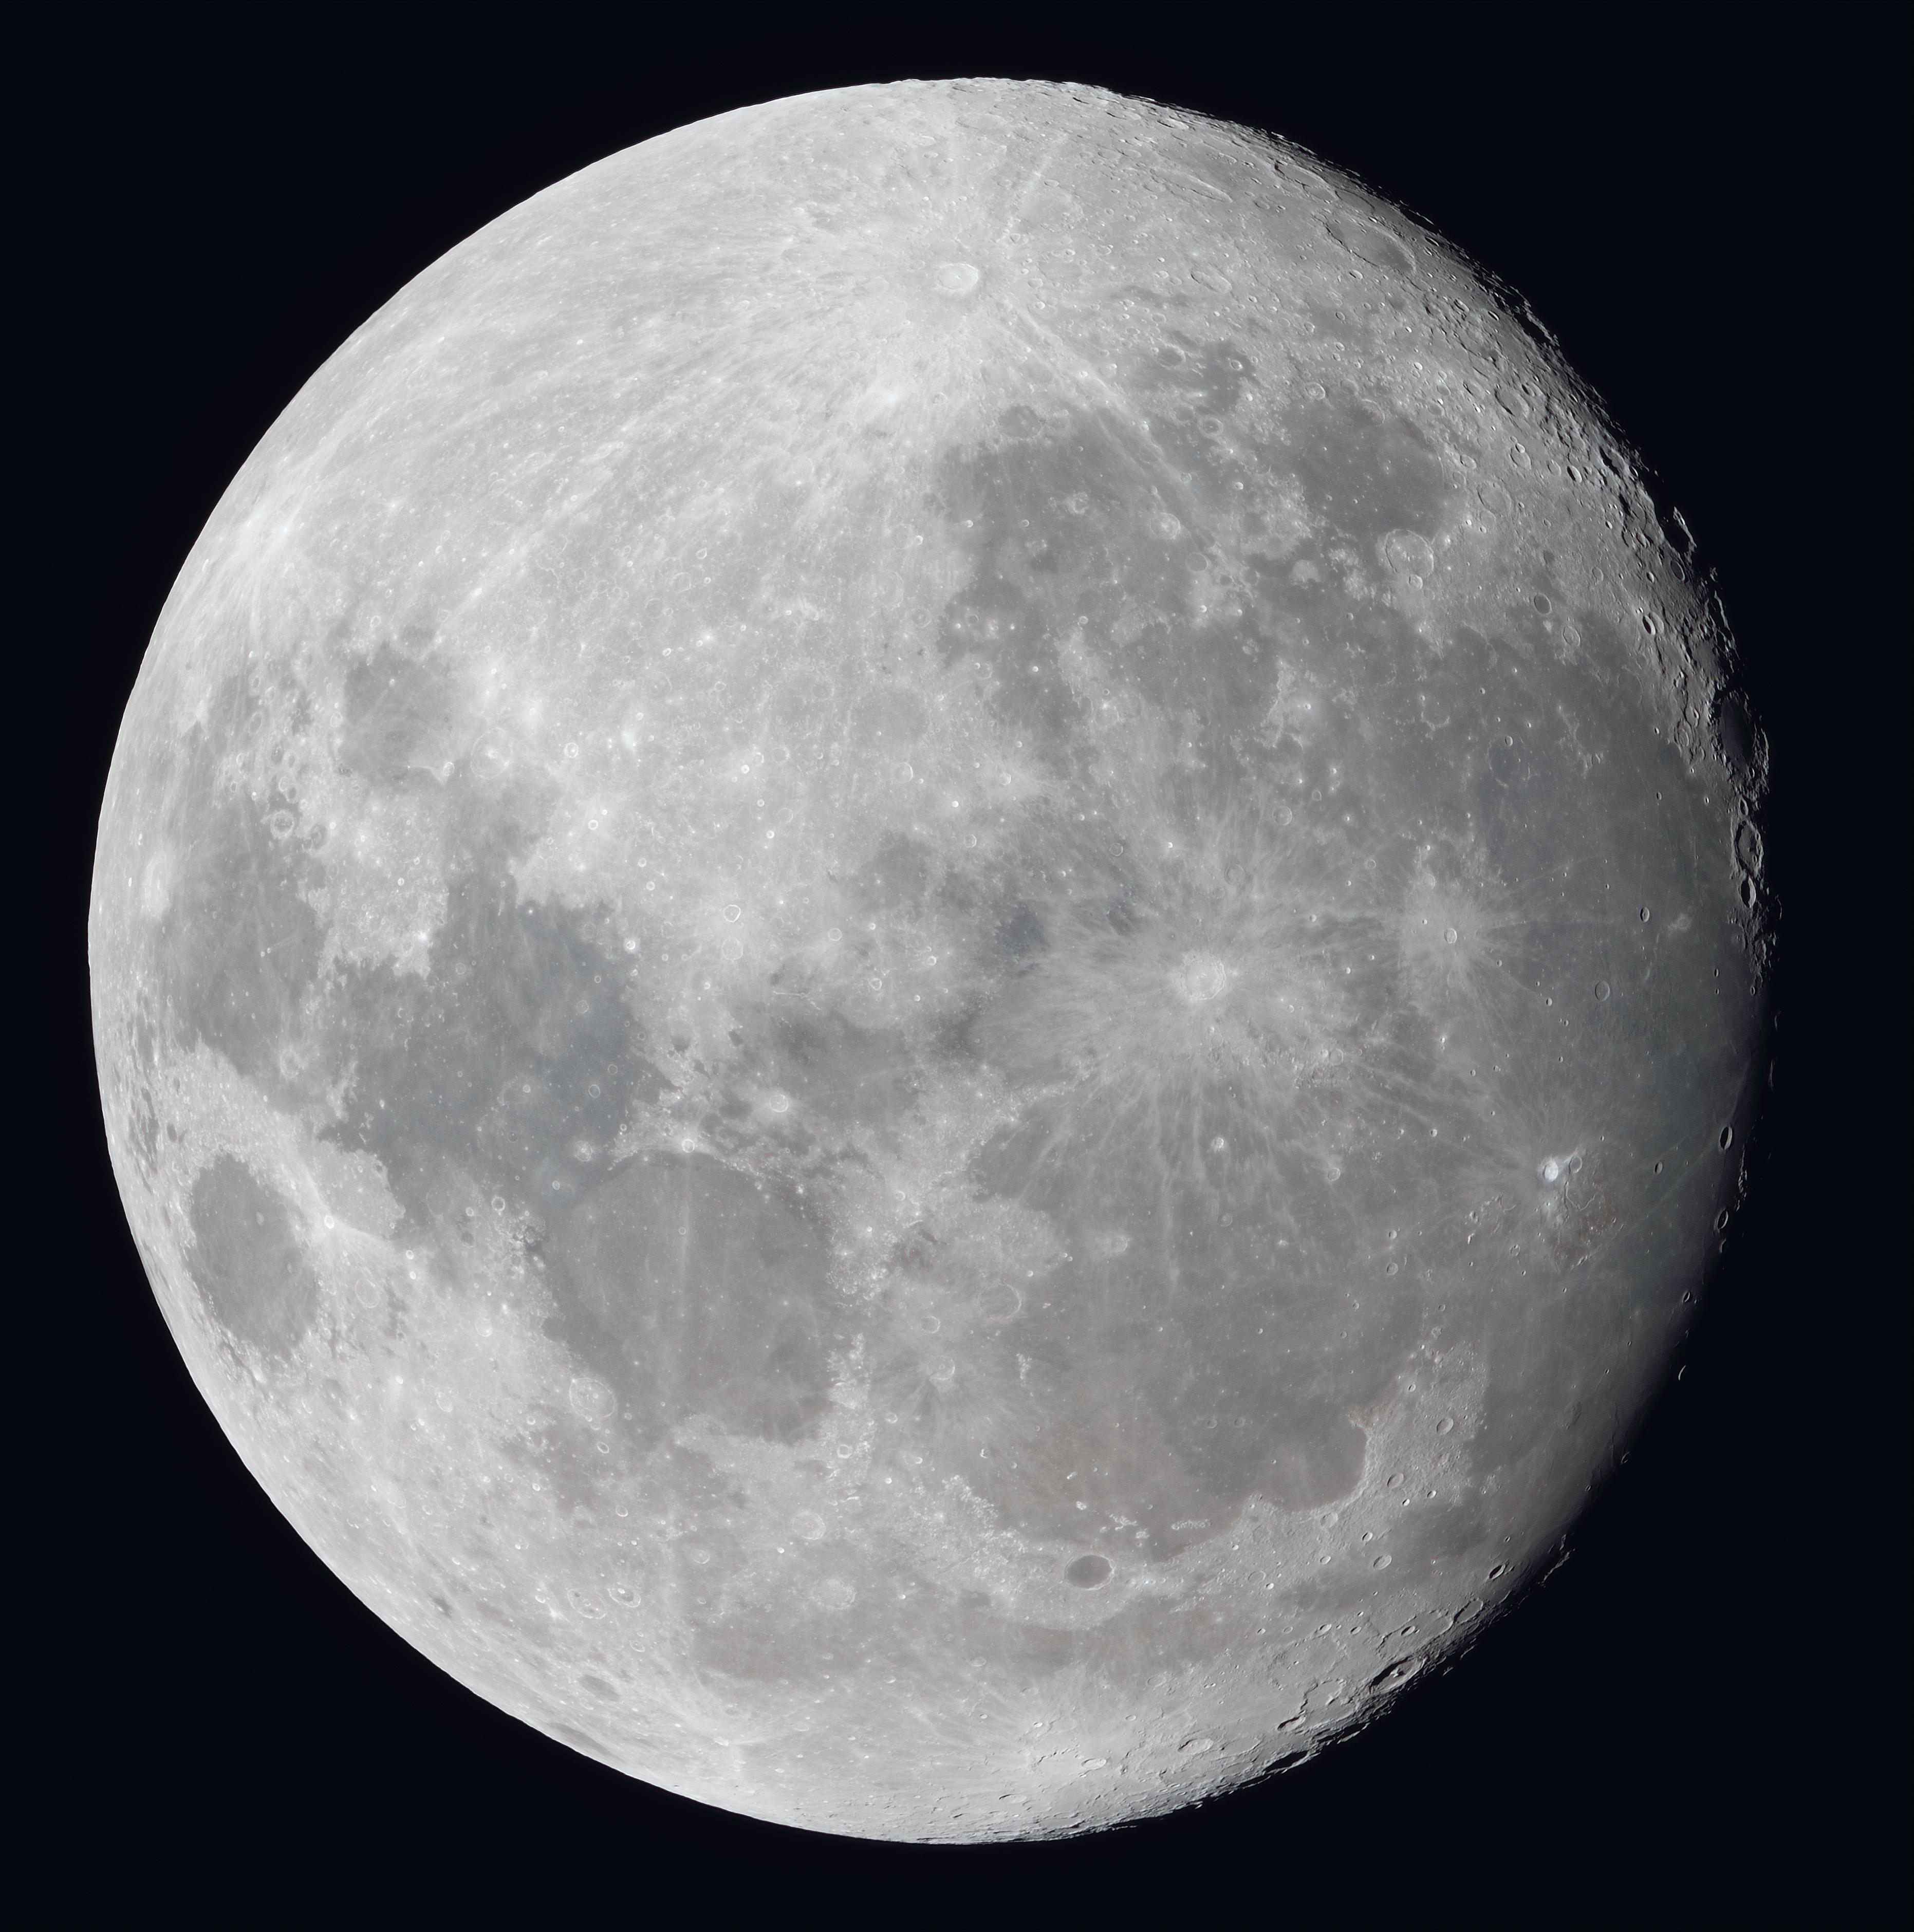 La lune du 1er Décembre, Fluorite FC76 et Nikon D810